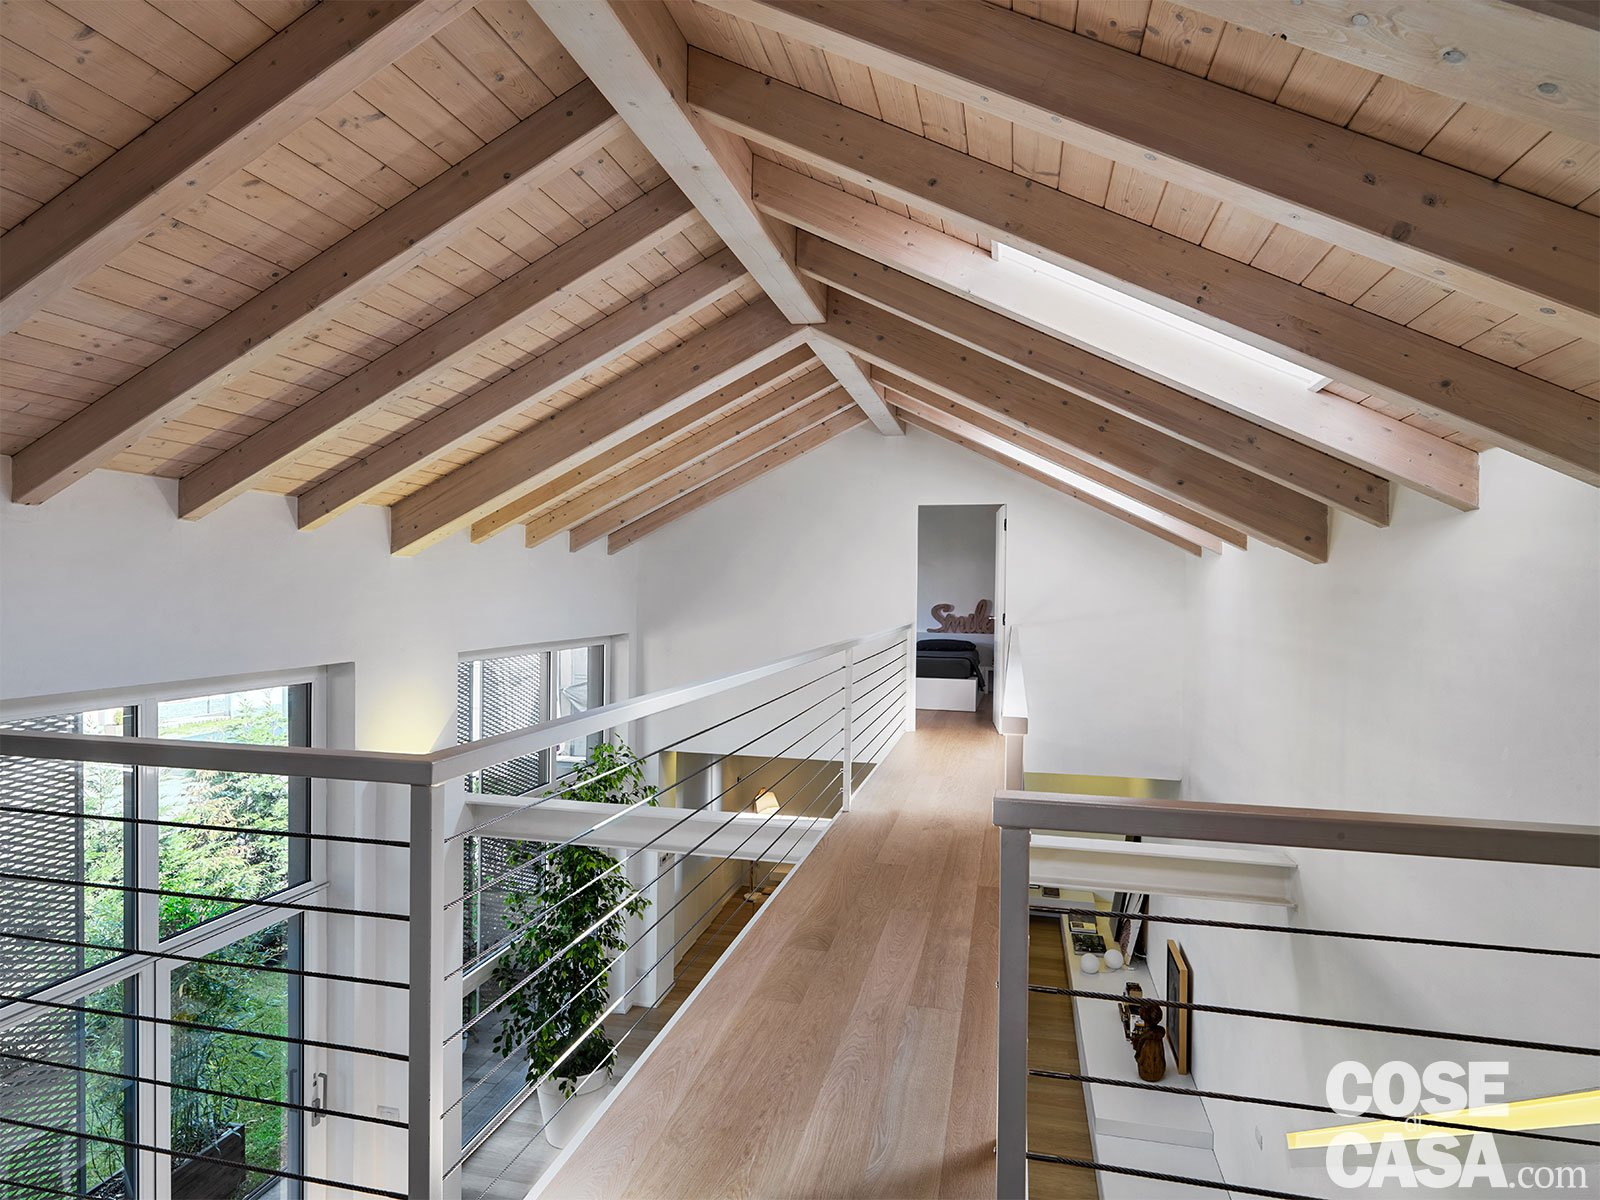 Loft una casa sottotetto a doppia altezza cose di casa for Immagini di casa